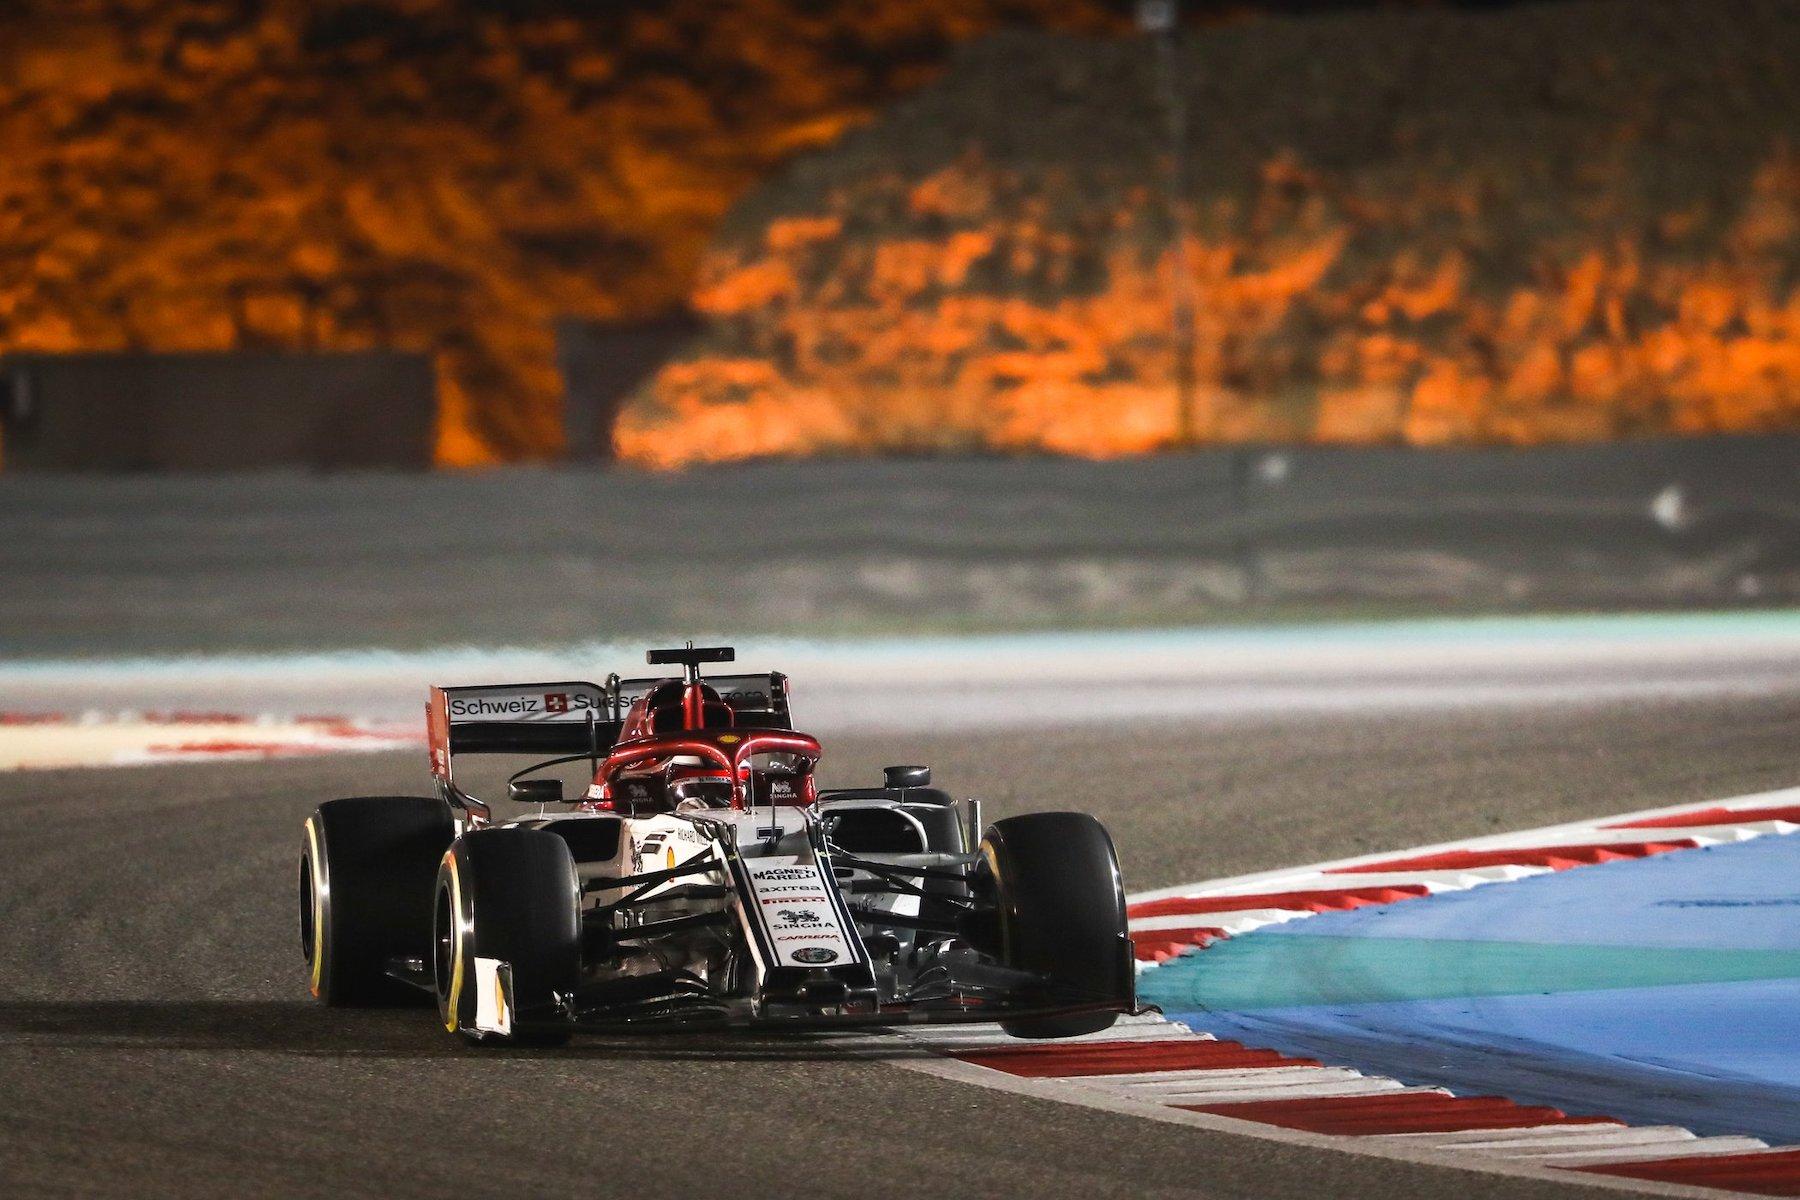 2 8 9 2019 Kimi Raikkonen | Alfa Romeo C38 | 2019 Bahrain GP 1 copy.jpg